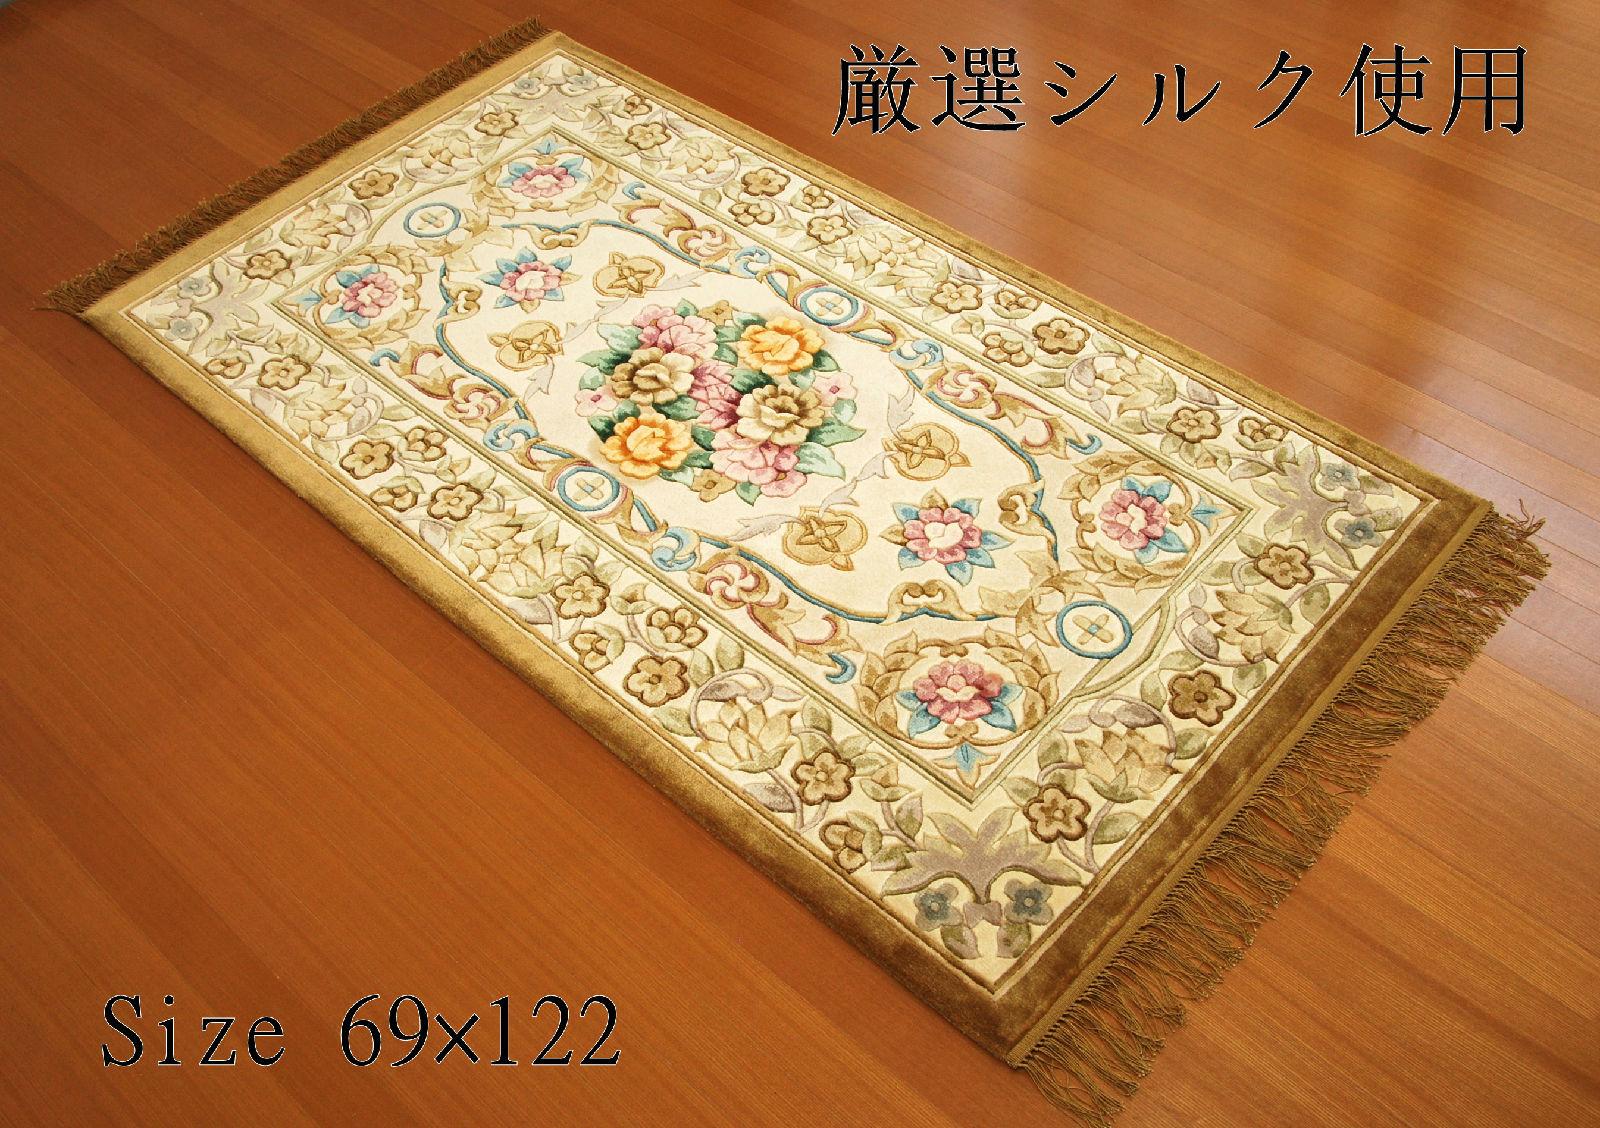 最新デザイン厳選シルク使用!!シルク手織り段通マット69×122ベージュ